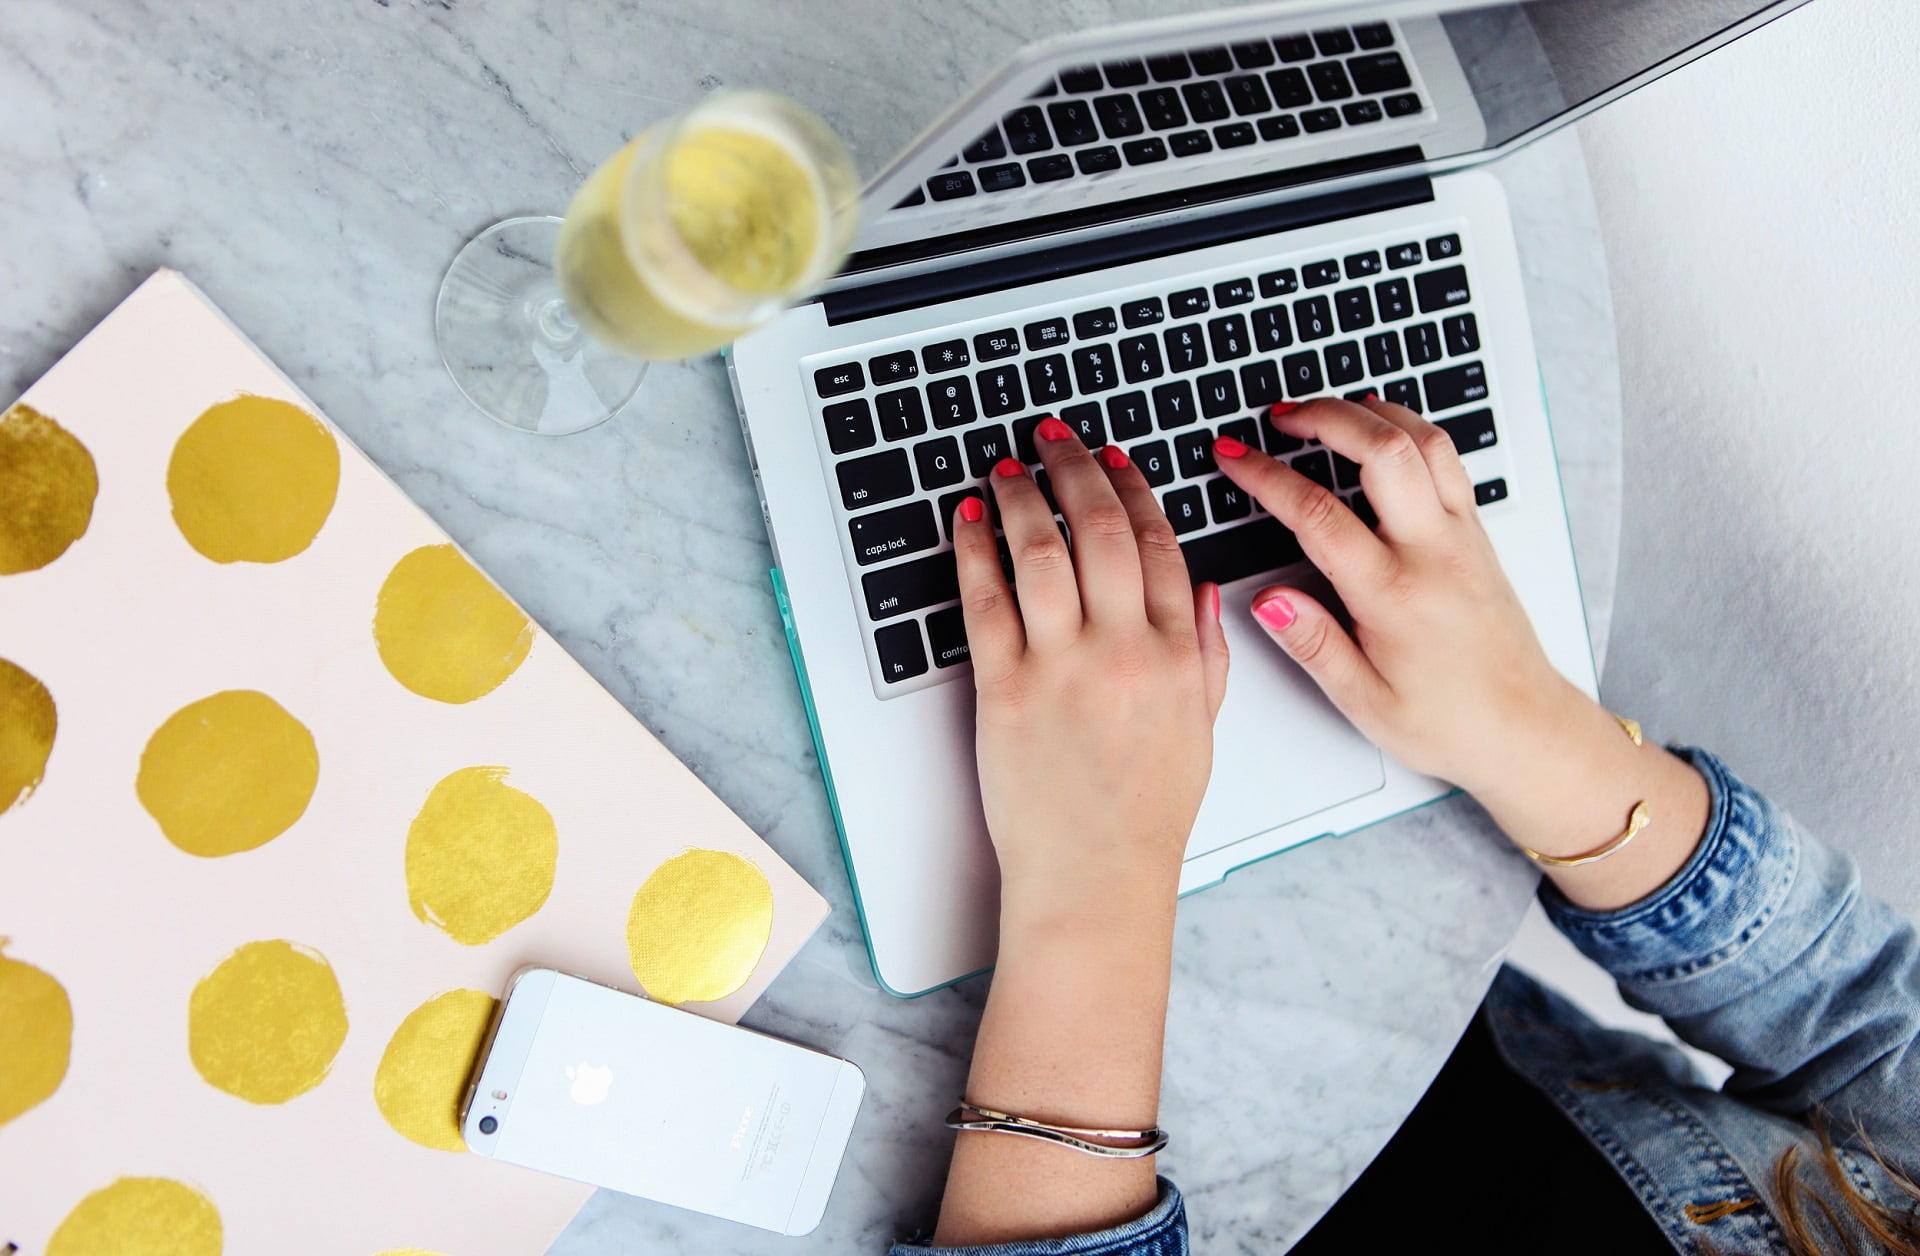 6 bước hoàn chỉnh để có một CV xin việc thành công